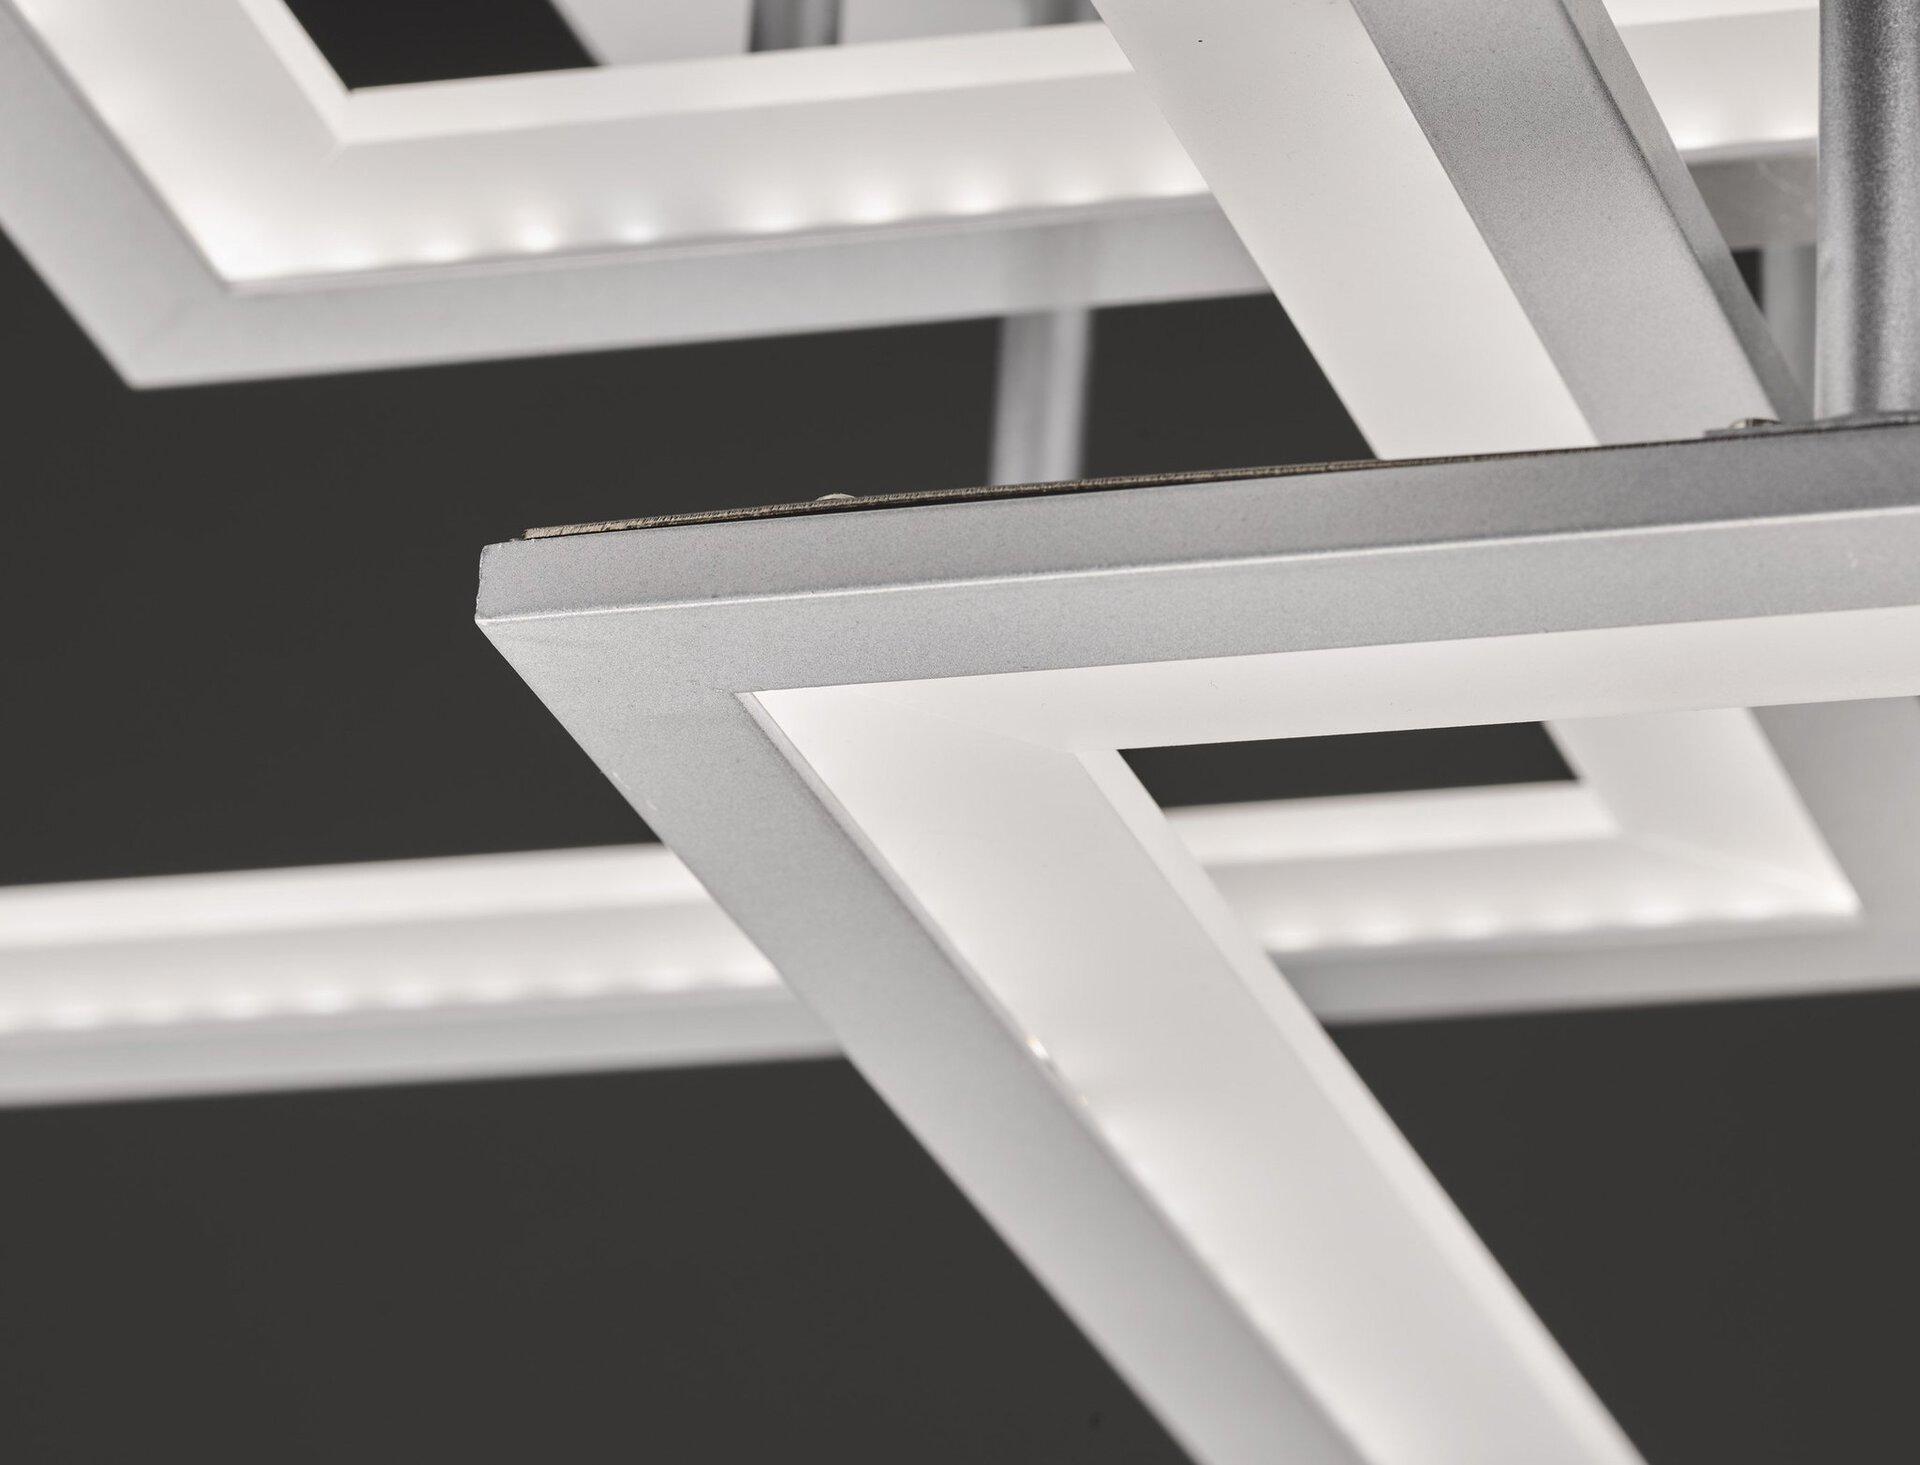 Deckenleuchte Modesto Wofi Leuchten Metall 50 x 17 x 50 cm